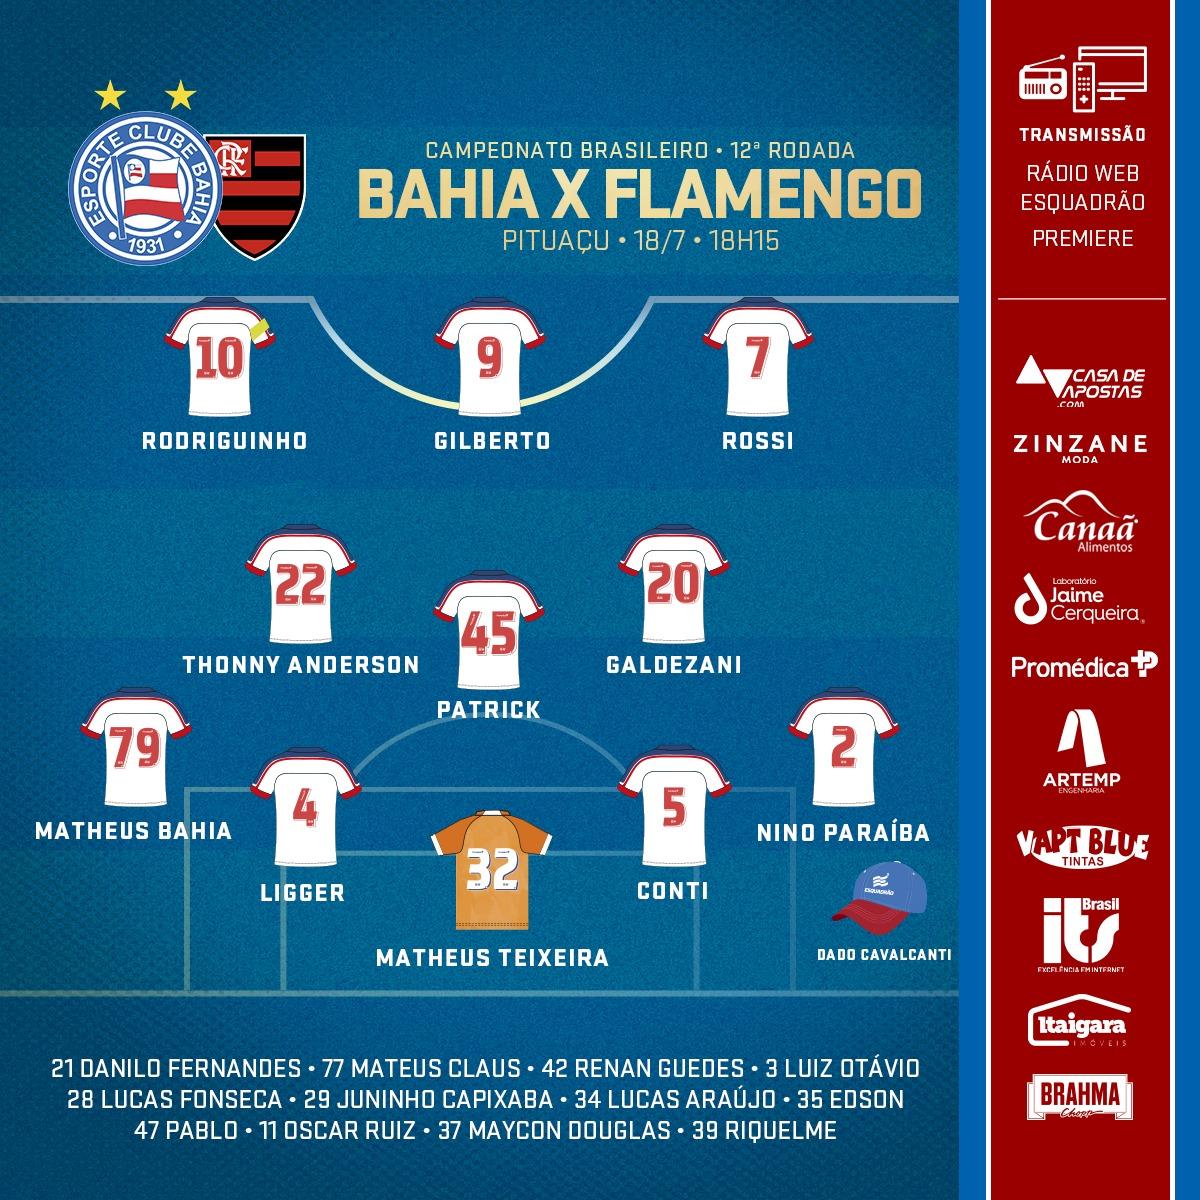 Bahia escalado para pegar o Flamengo pela Série A